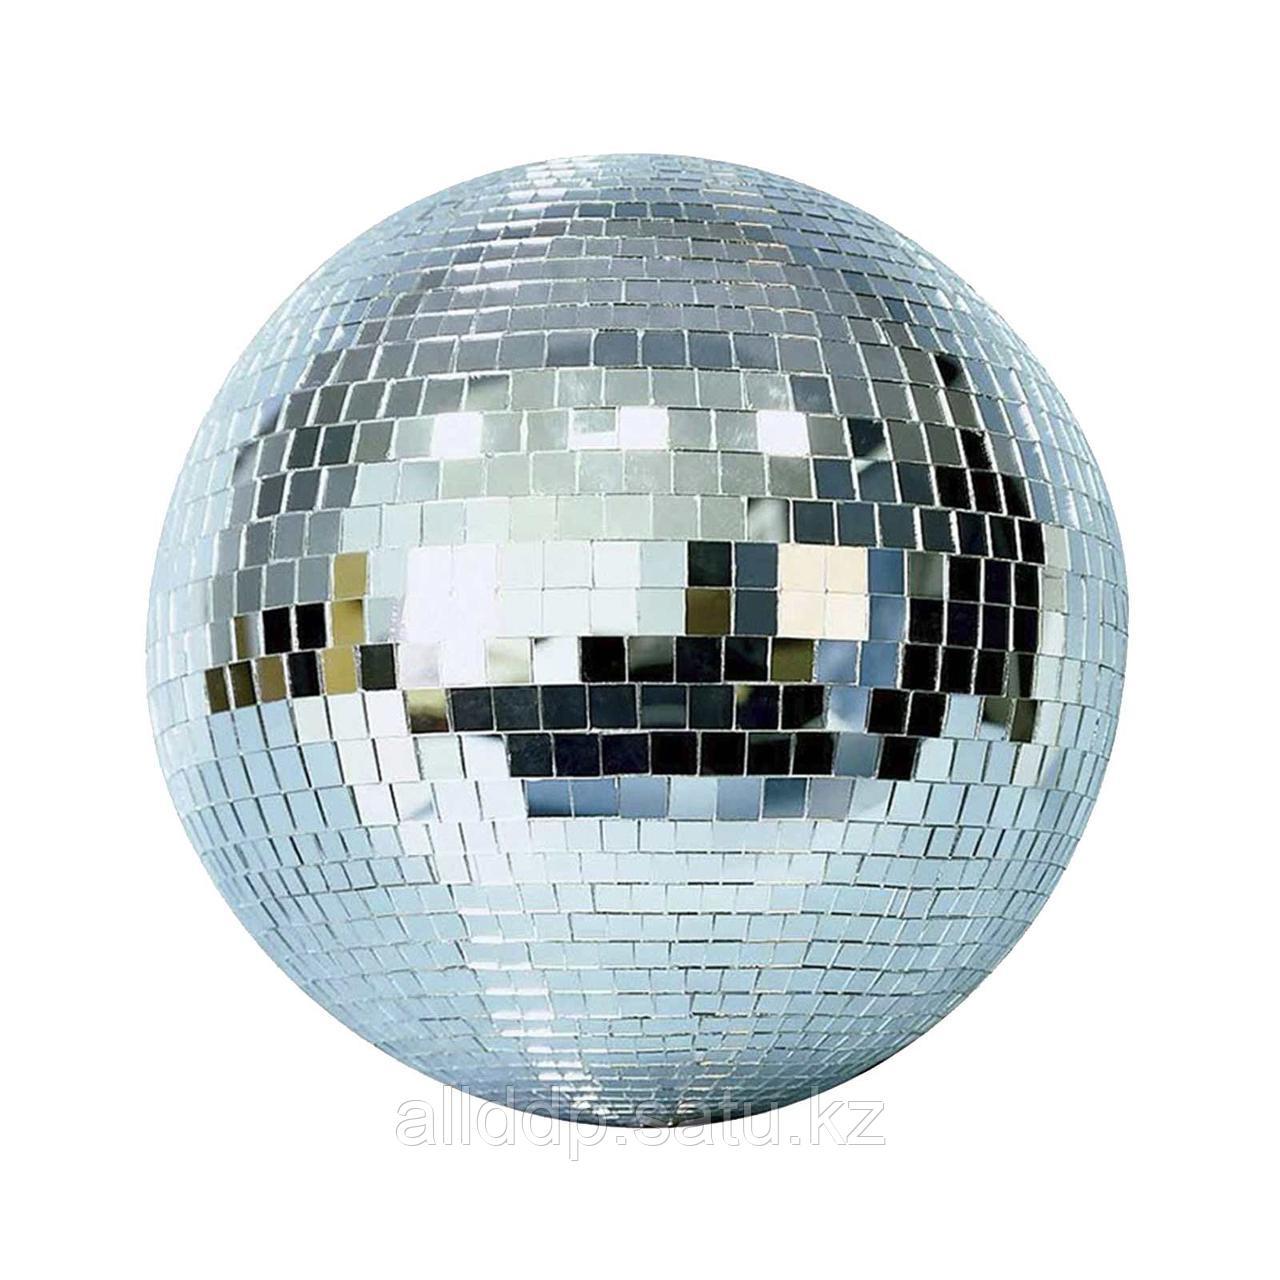 Зеркальный шар с приводом вращения, 30см